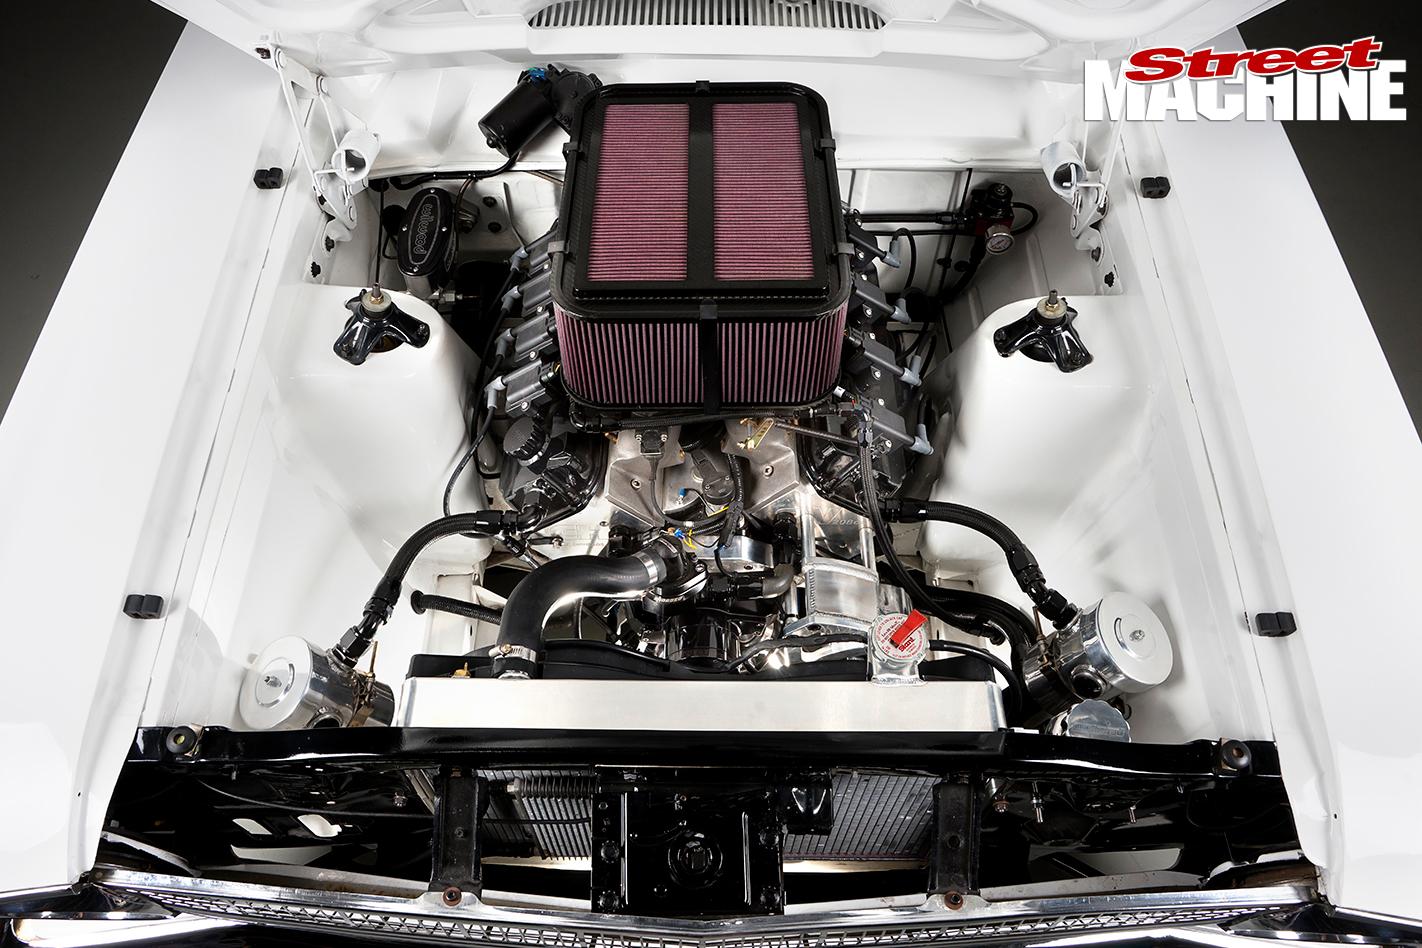 Ford -XR-Falcon -engine -bay